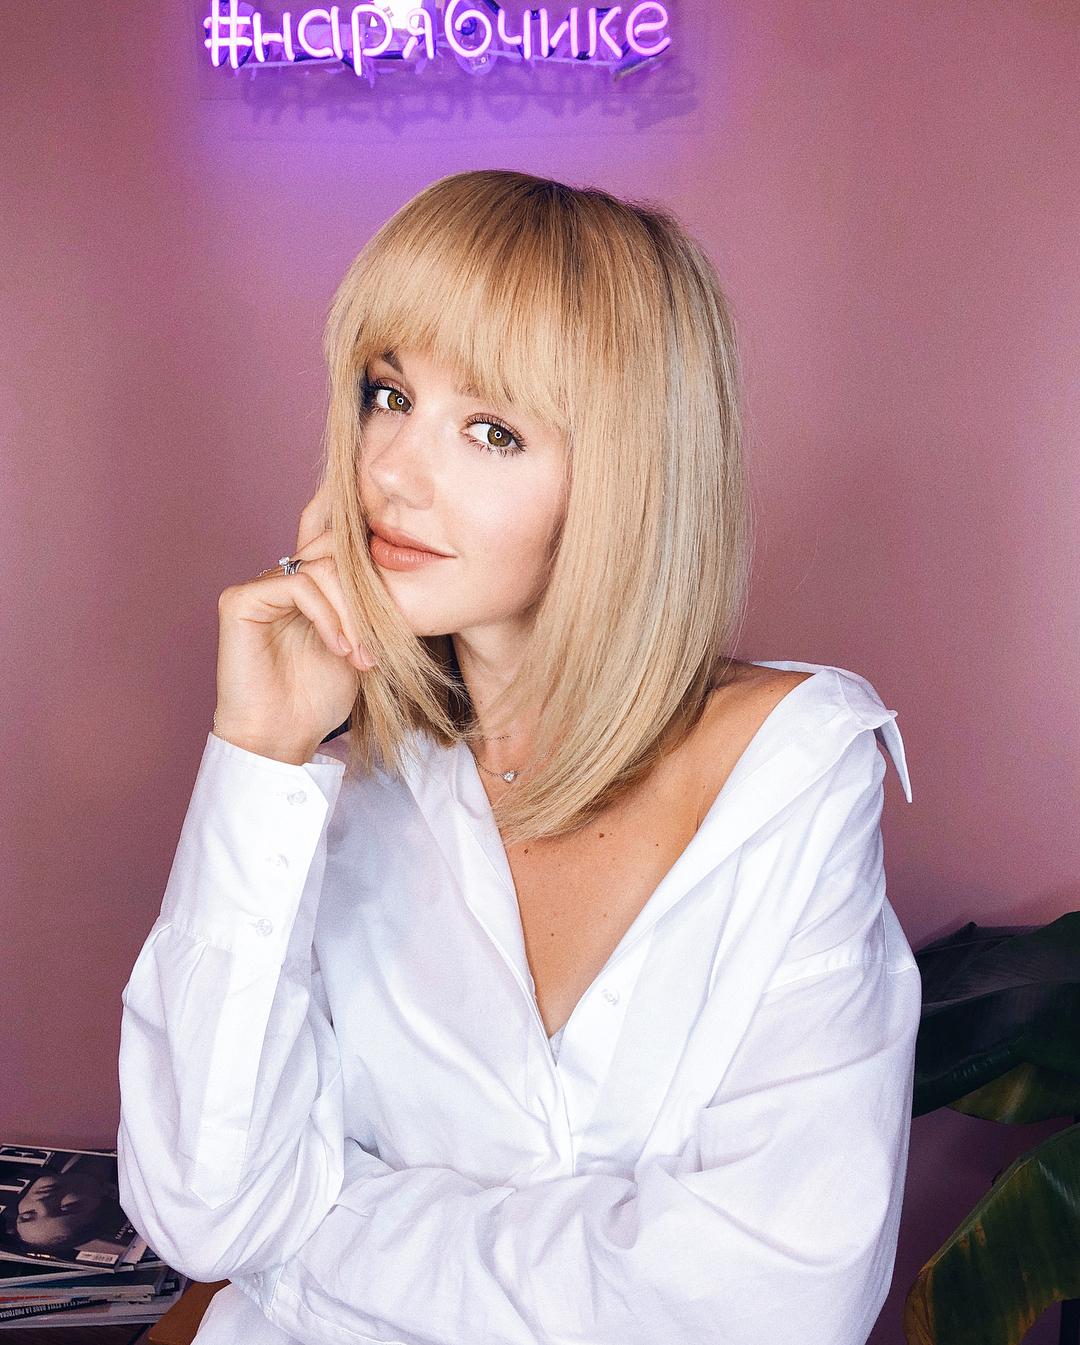 Юлианна Караулова: Встречайте: ее волосейшество Челка!